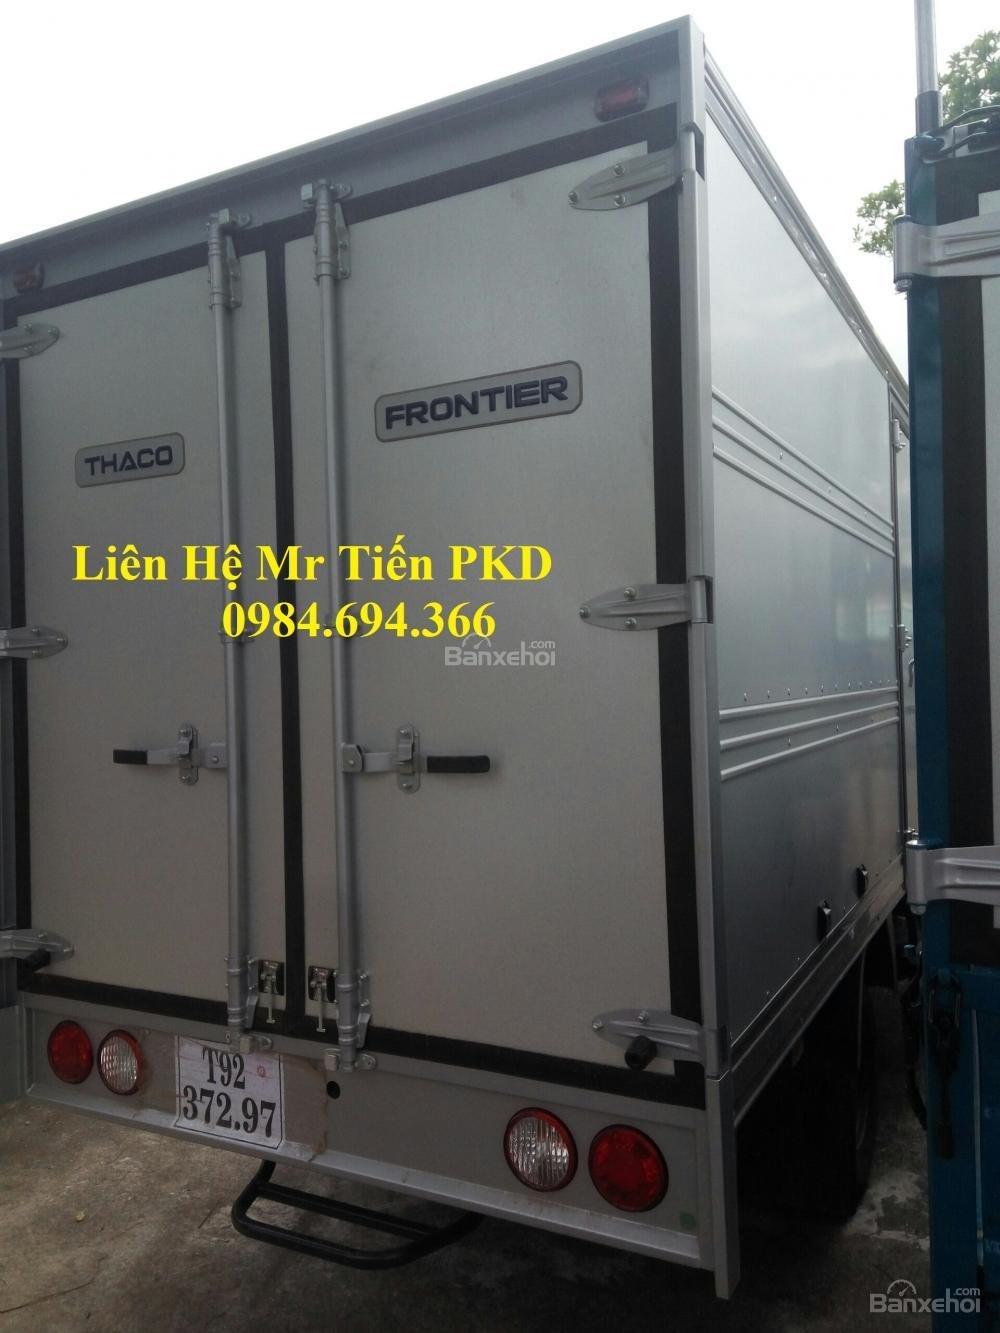 Bán xe tải Kia K250 ABS, tải 2.49 tấn đủ các loại thùng. Liên hệ 0984694366, hỗ trợ trả góp (5)